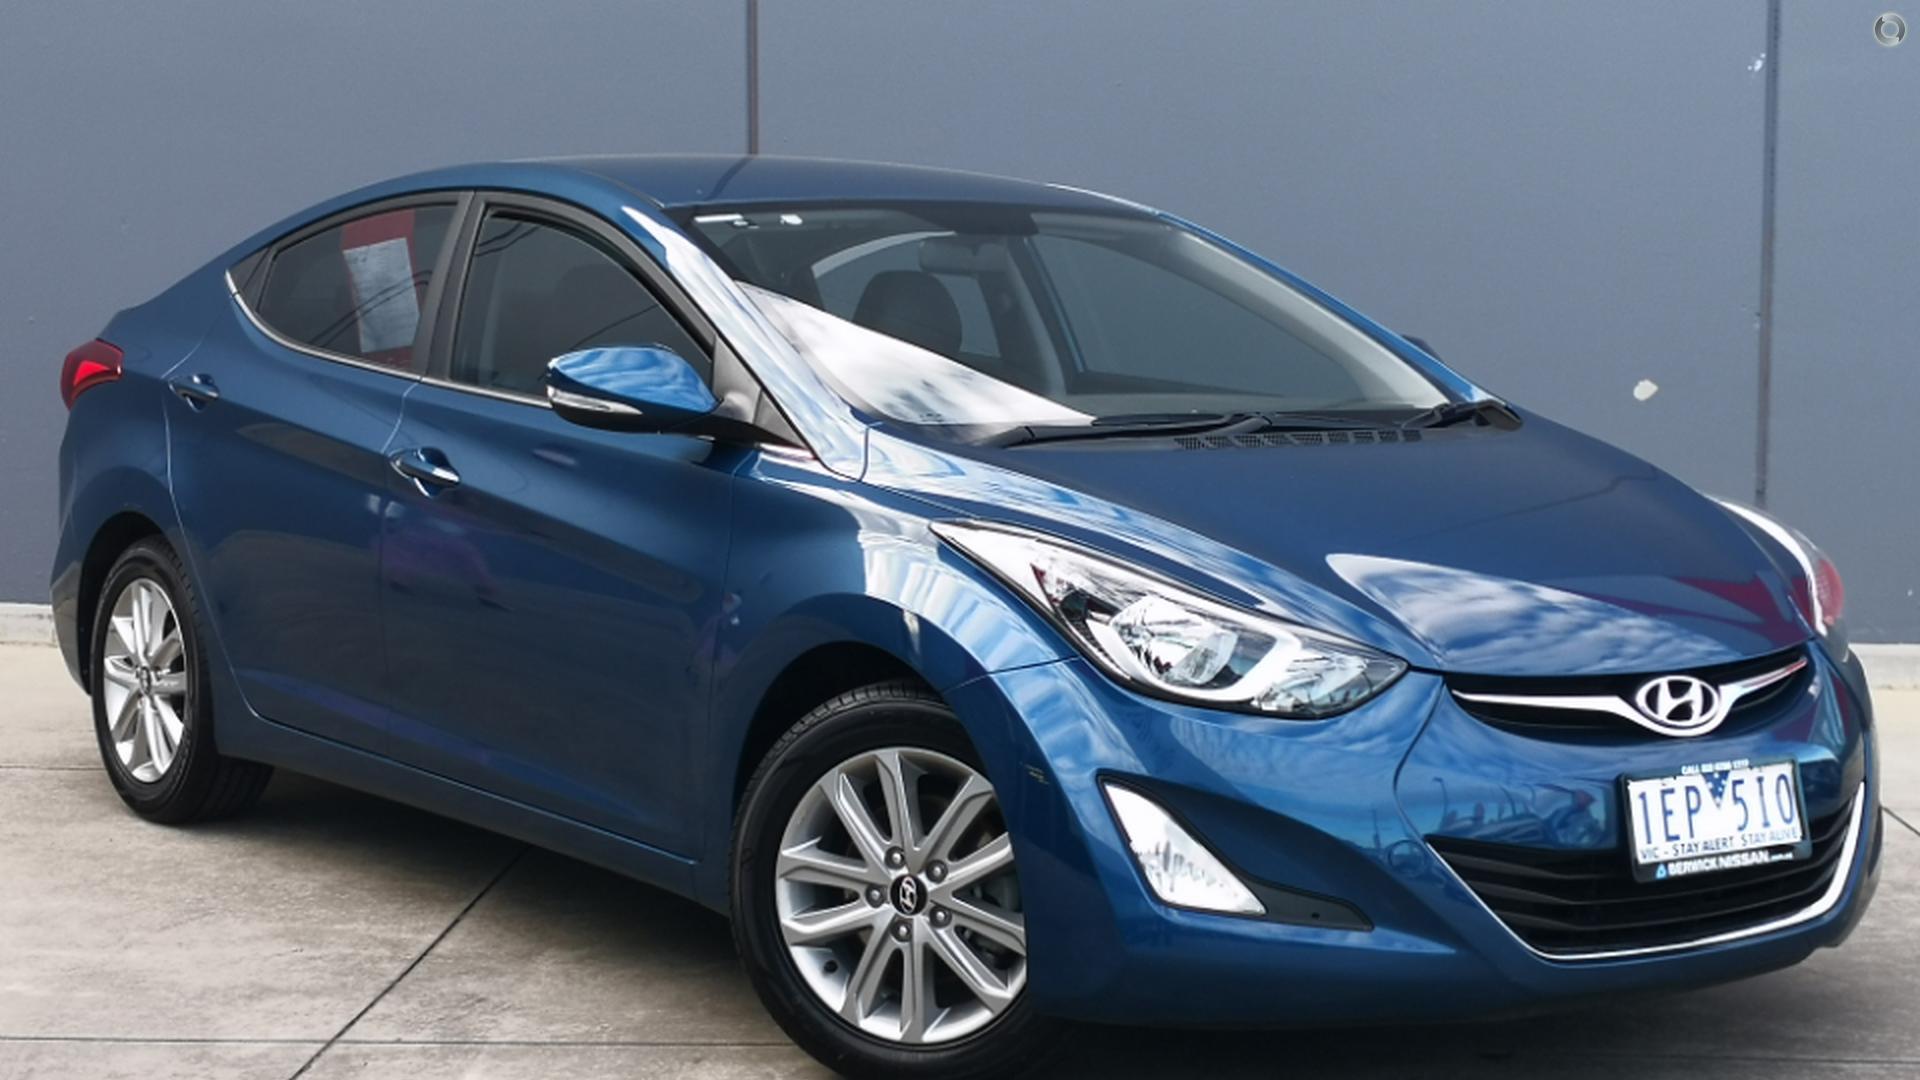 2015 Hyundai Elantra MD3